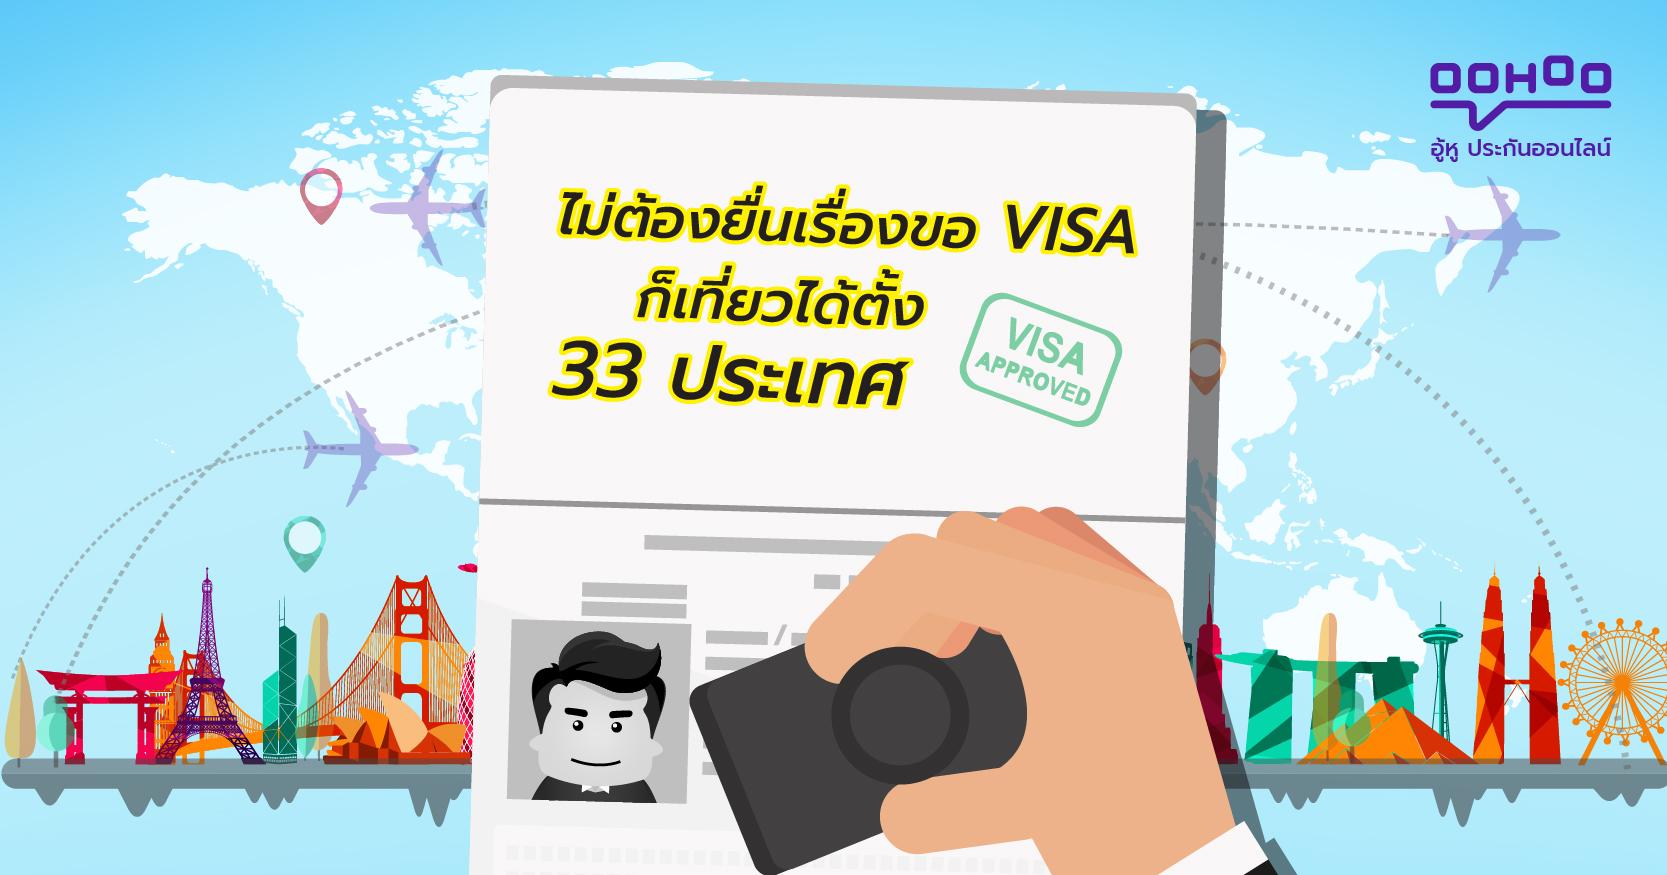 ไม่ต้องยื่นเรื่องขอ VISA ก็เที่ยวได้ตั้ง 33ประเทศ